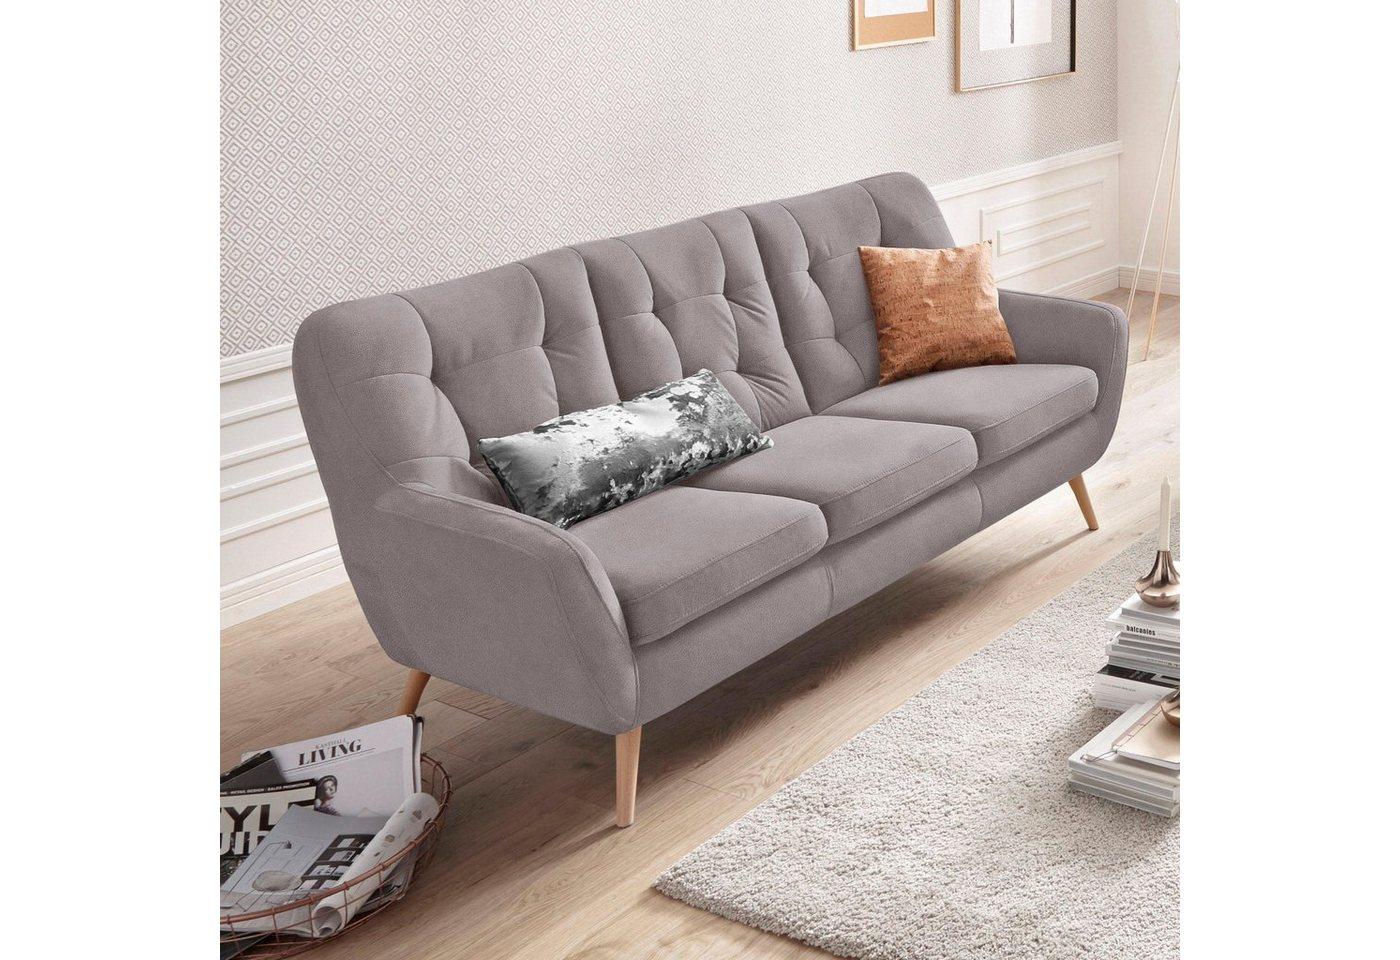 exxpo - sofa fashion 3-Sitzer silberfarben  Polstermoebel